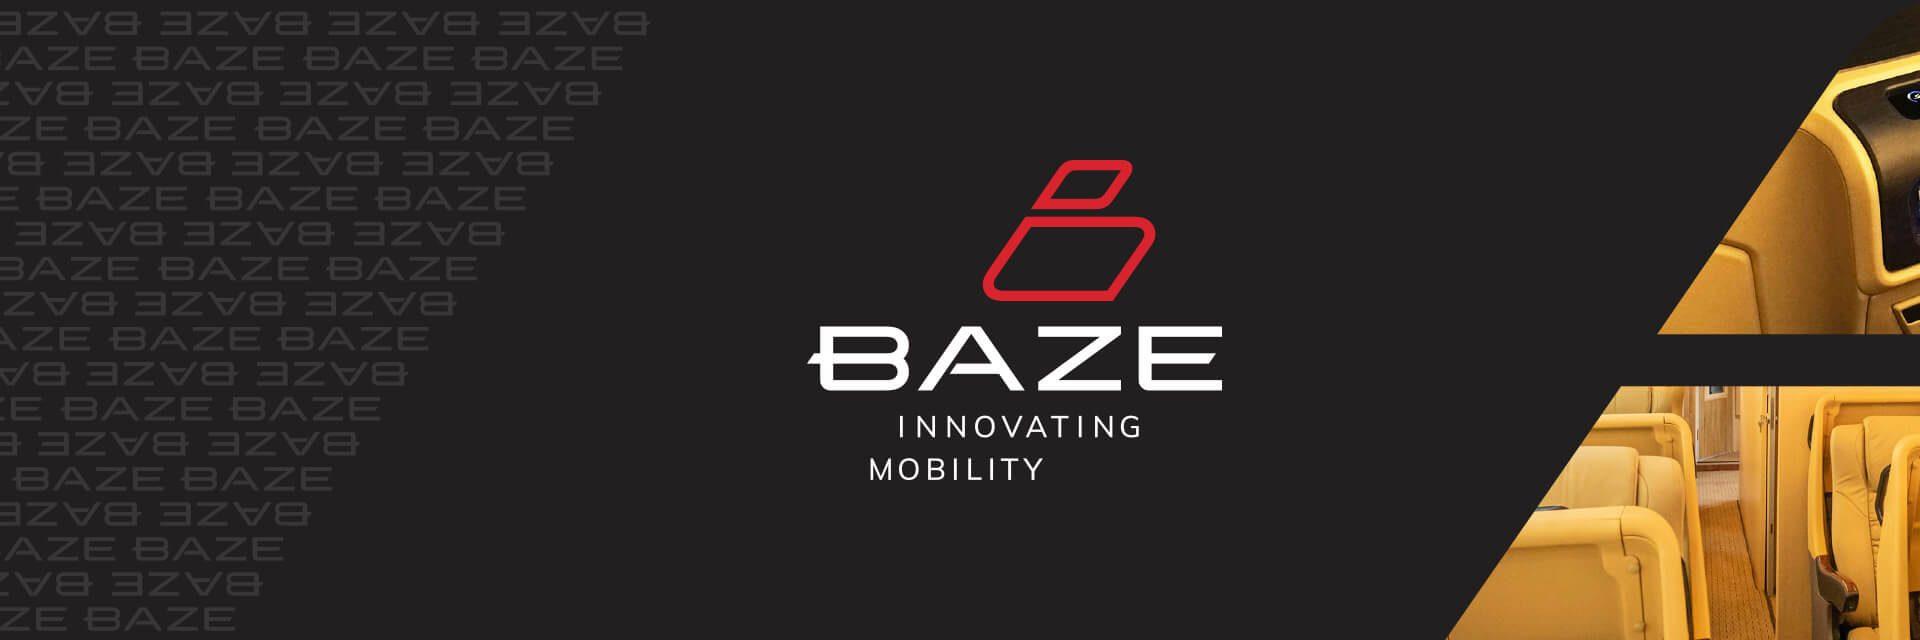 BAZE Home Slider Banner 4-1